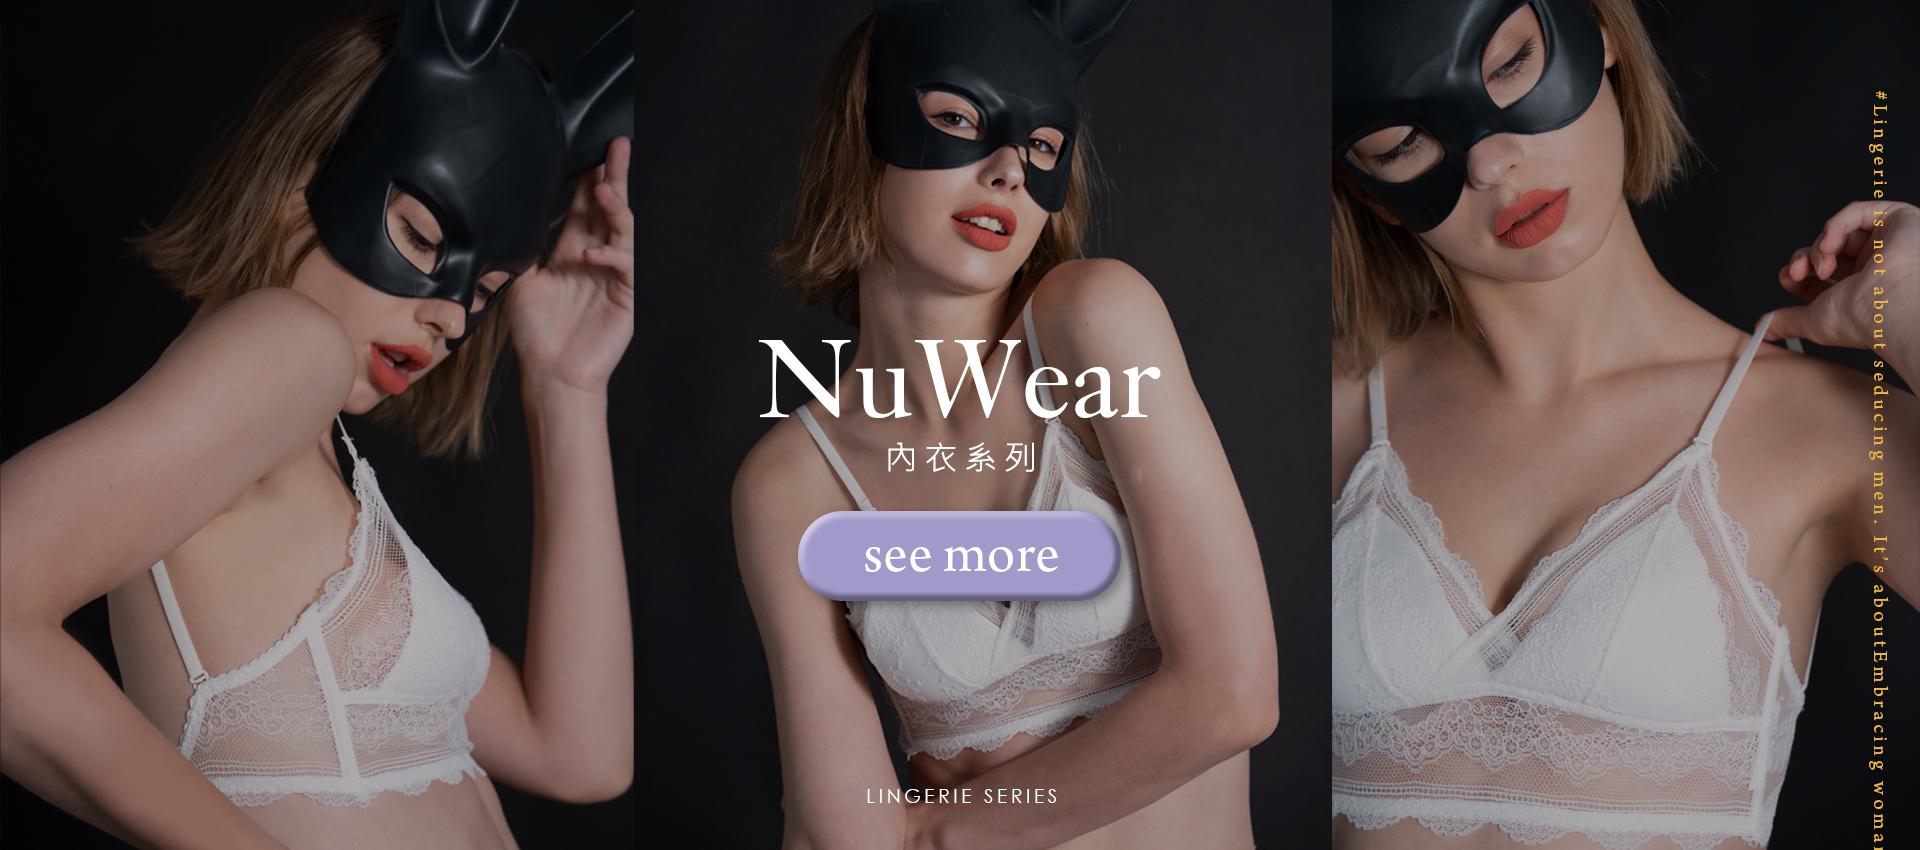 nubra,絕世好波,隱形胸罩,隱形內衣,女性,隱形,豐胸,舒適,內衣,性感,女生必備,激升,香氛,內衣,lingerie,bra,sexy,nu9